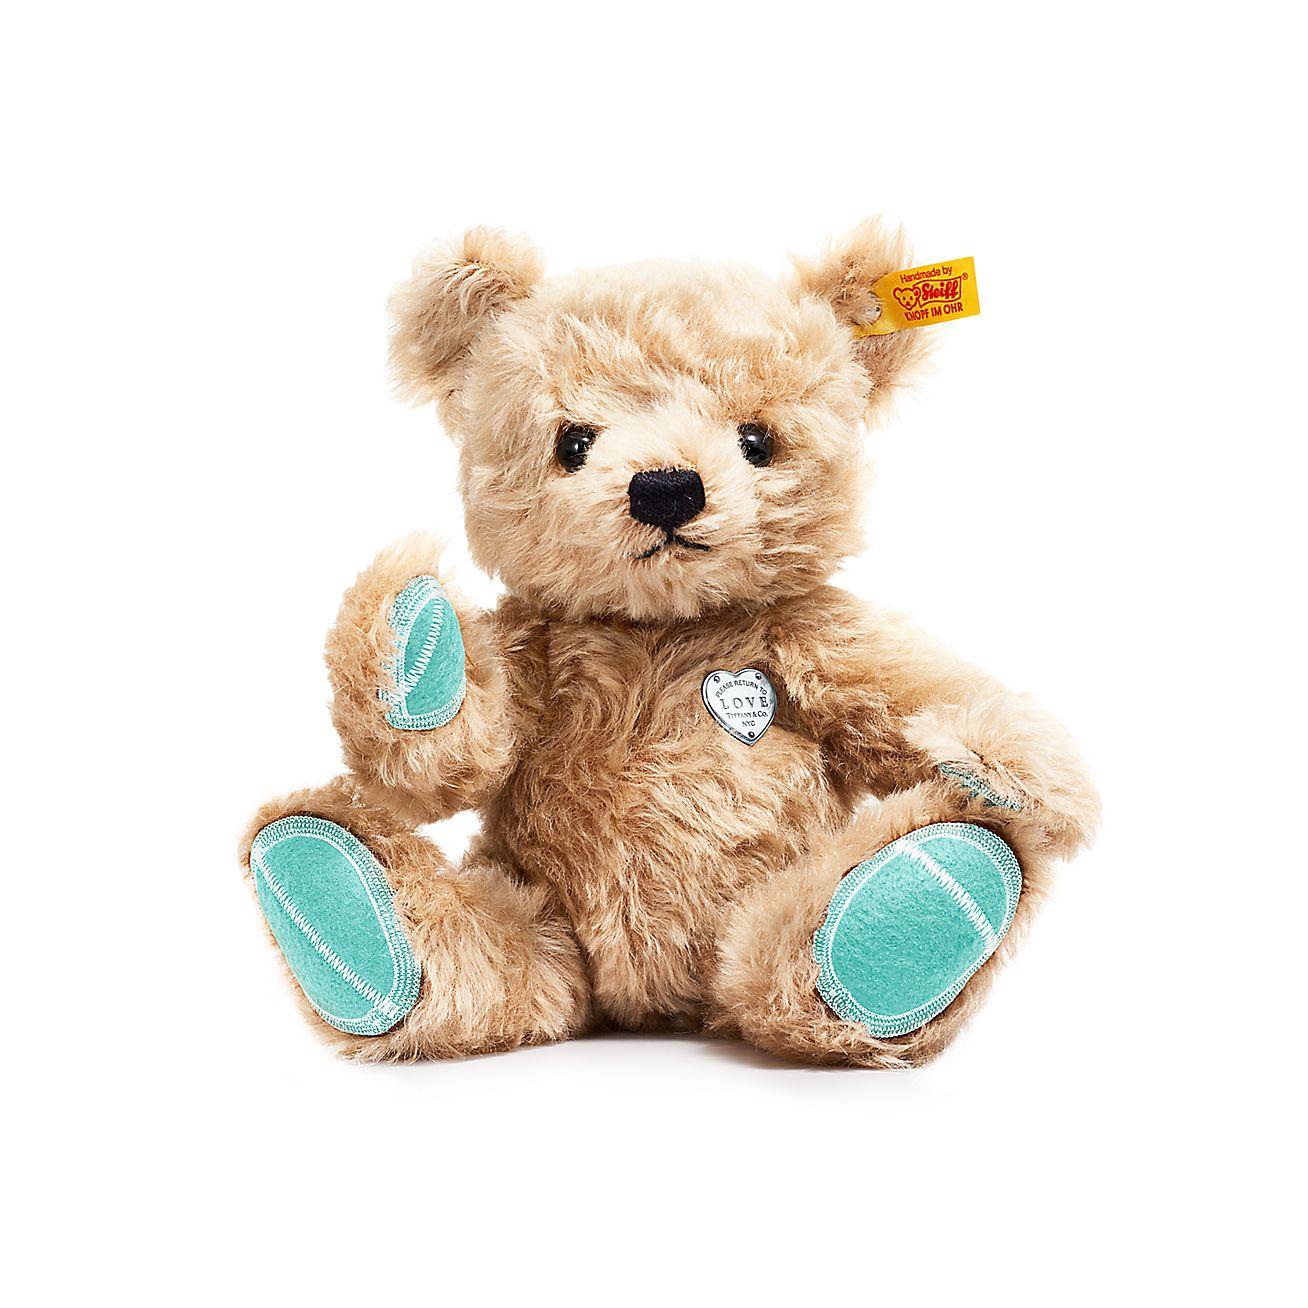 Tiffany X Steiff Return To Tiffany Love Classic Teddy Bear In Mohair 10 5 Tiffany Co